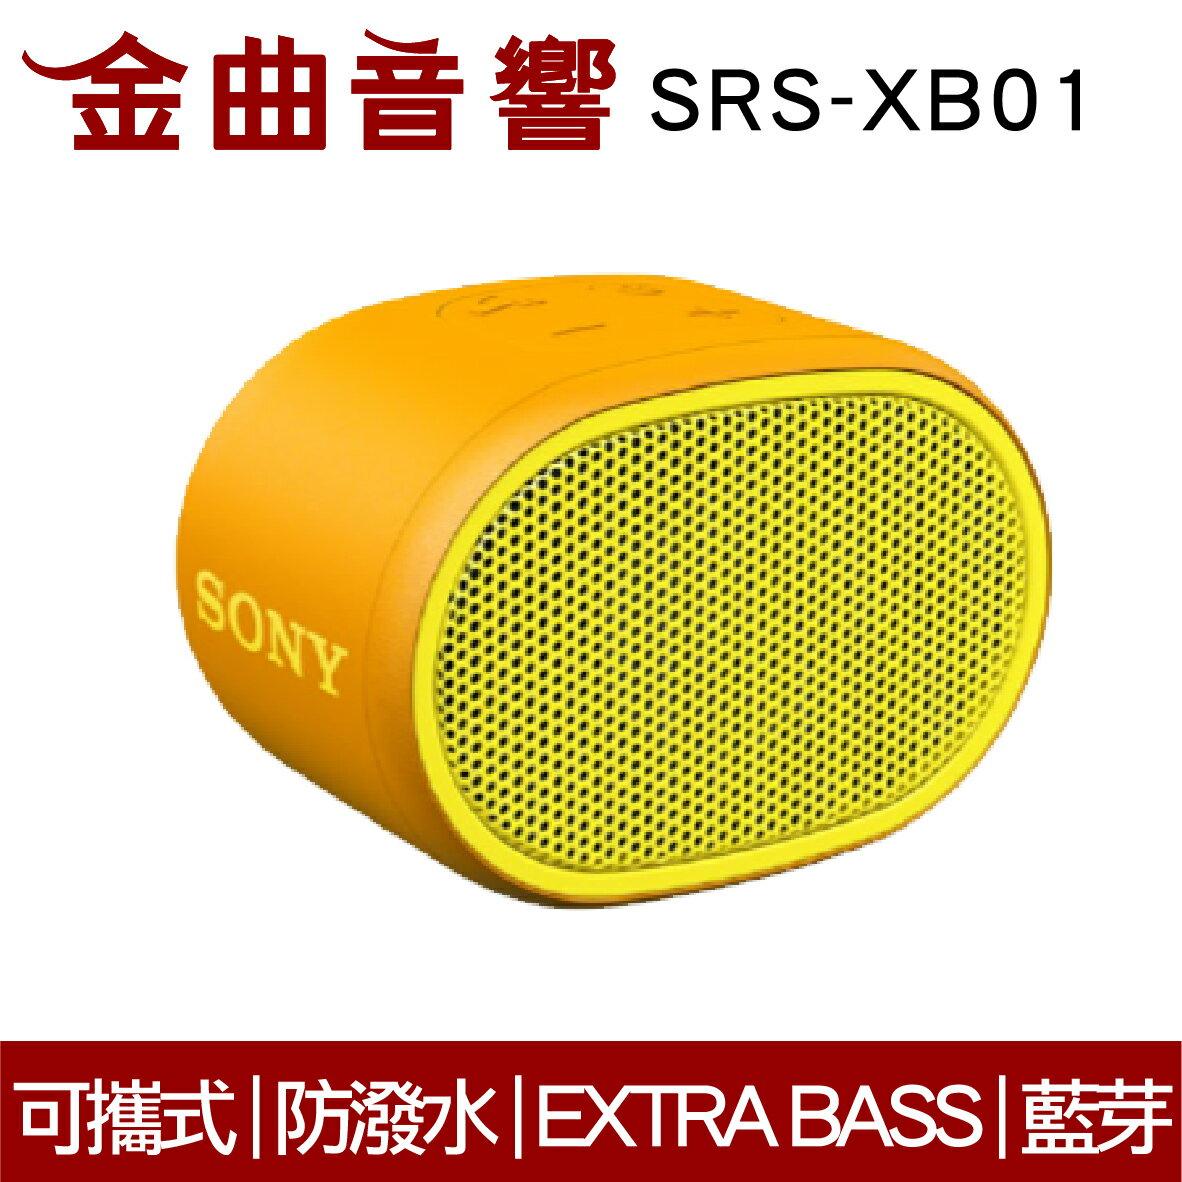 SONY 索尼 SRS-XB01 紅 可攜式 防潑水 重低音 EXTRA BASS 藍芽 喇叭 | 金曲音響